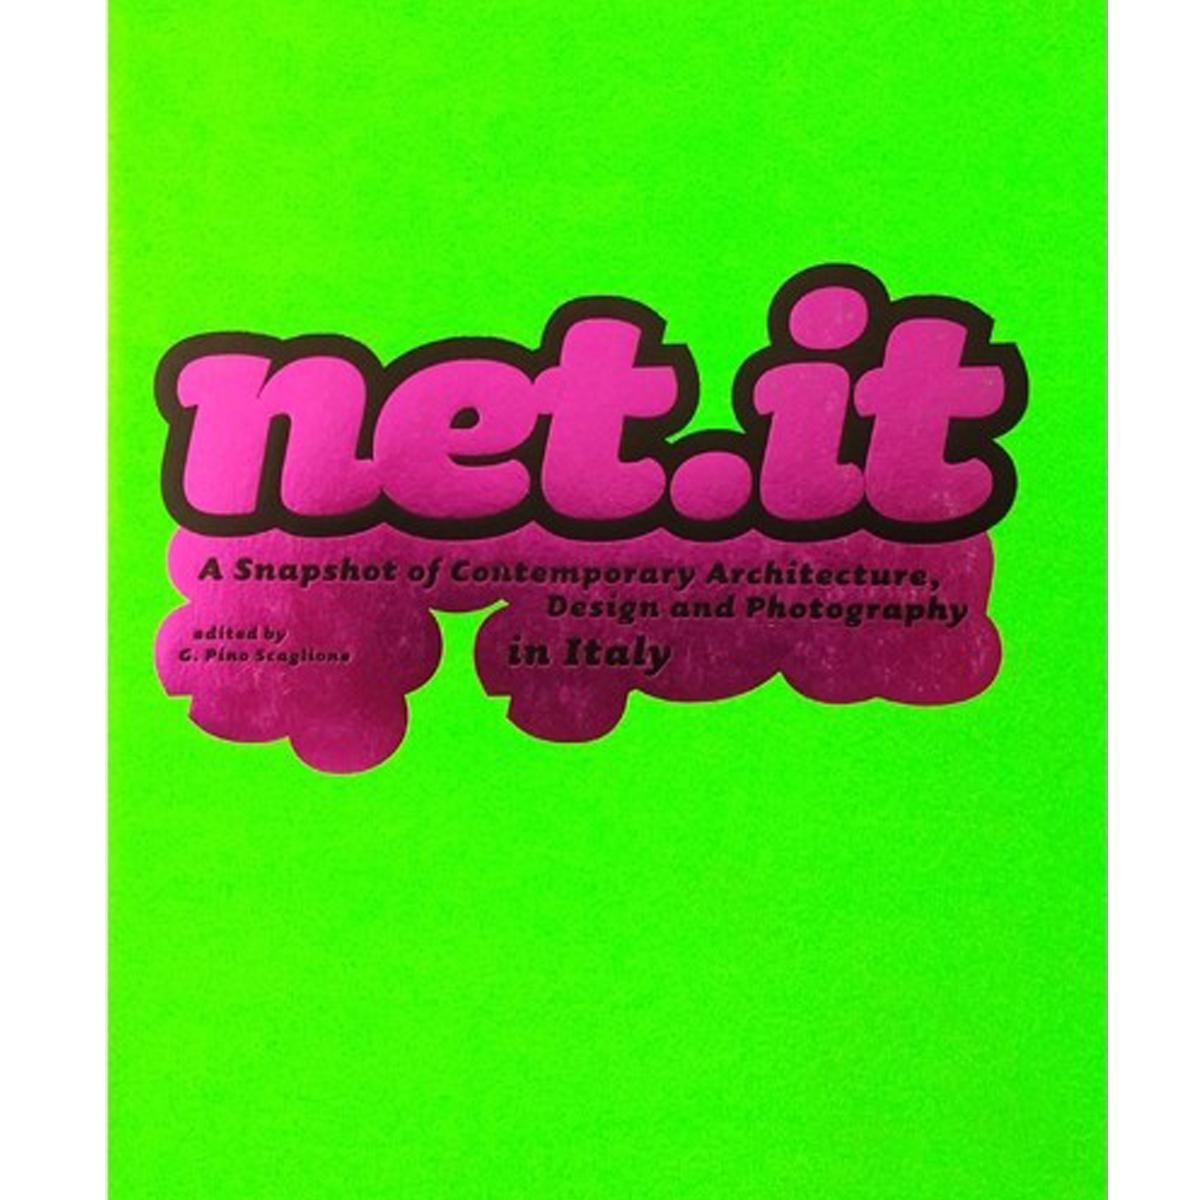 Net.it